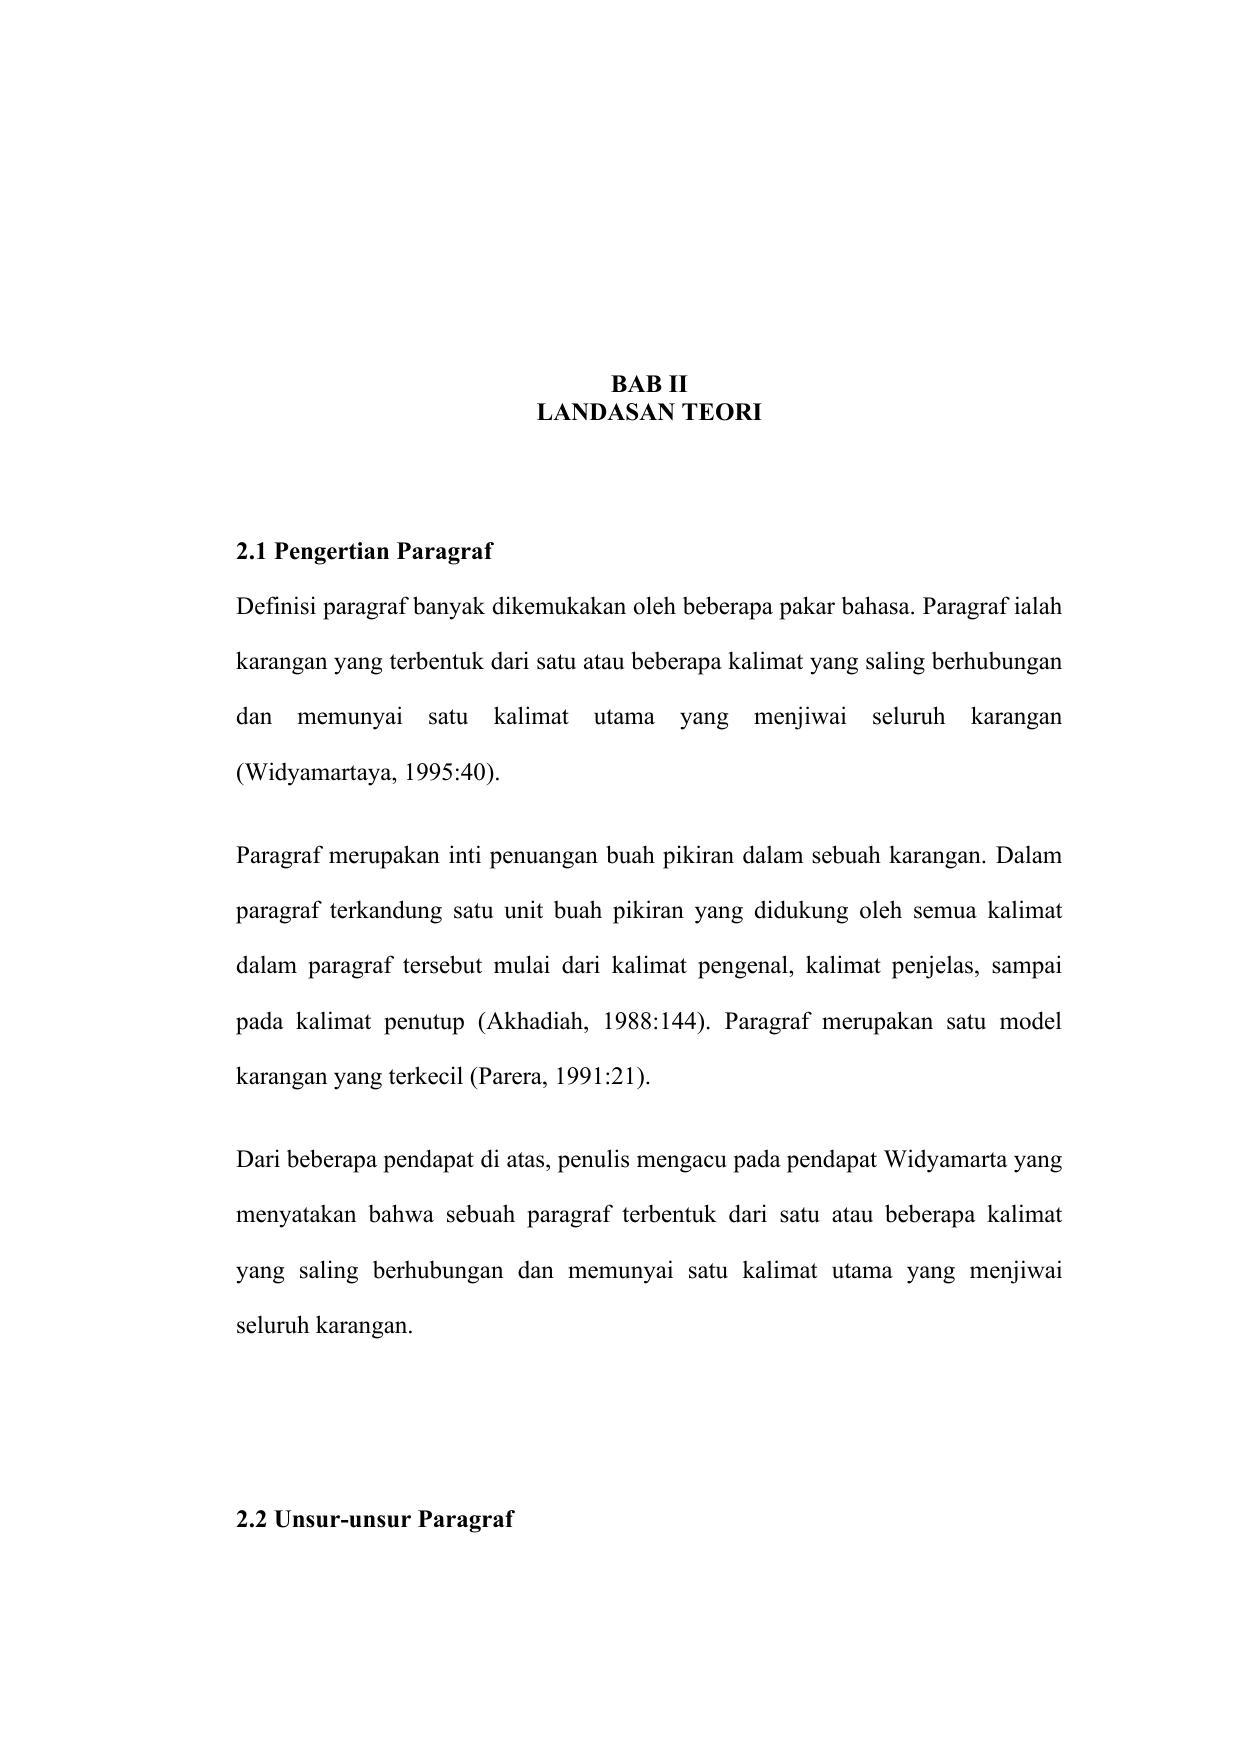 Contoh Paragraf Deduktif Dan Induktif Dalam Bahasa Jawa Temukan Contoh